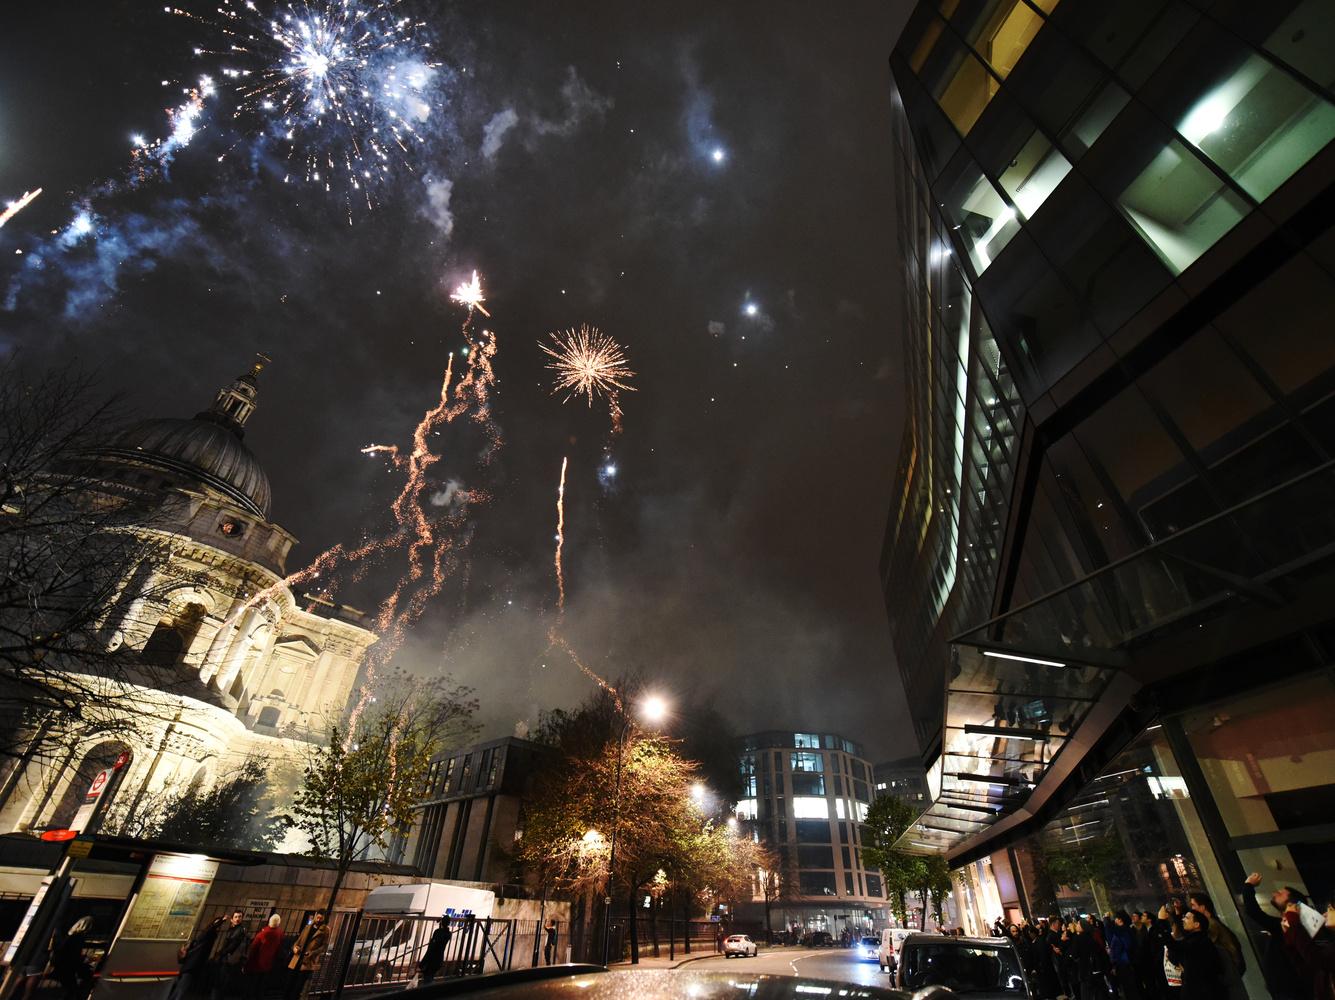 Armistice Fireworks over St. Paul's by Eric Mathiasen